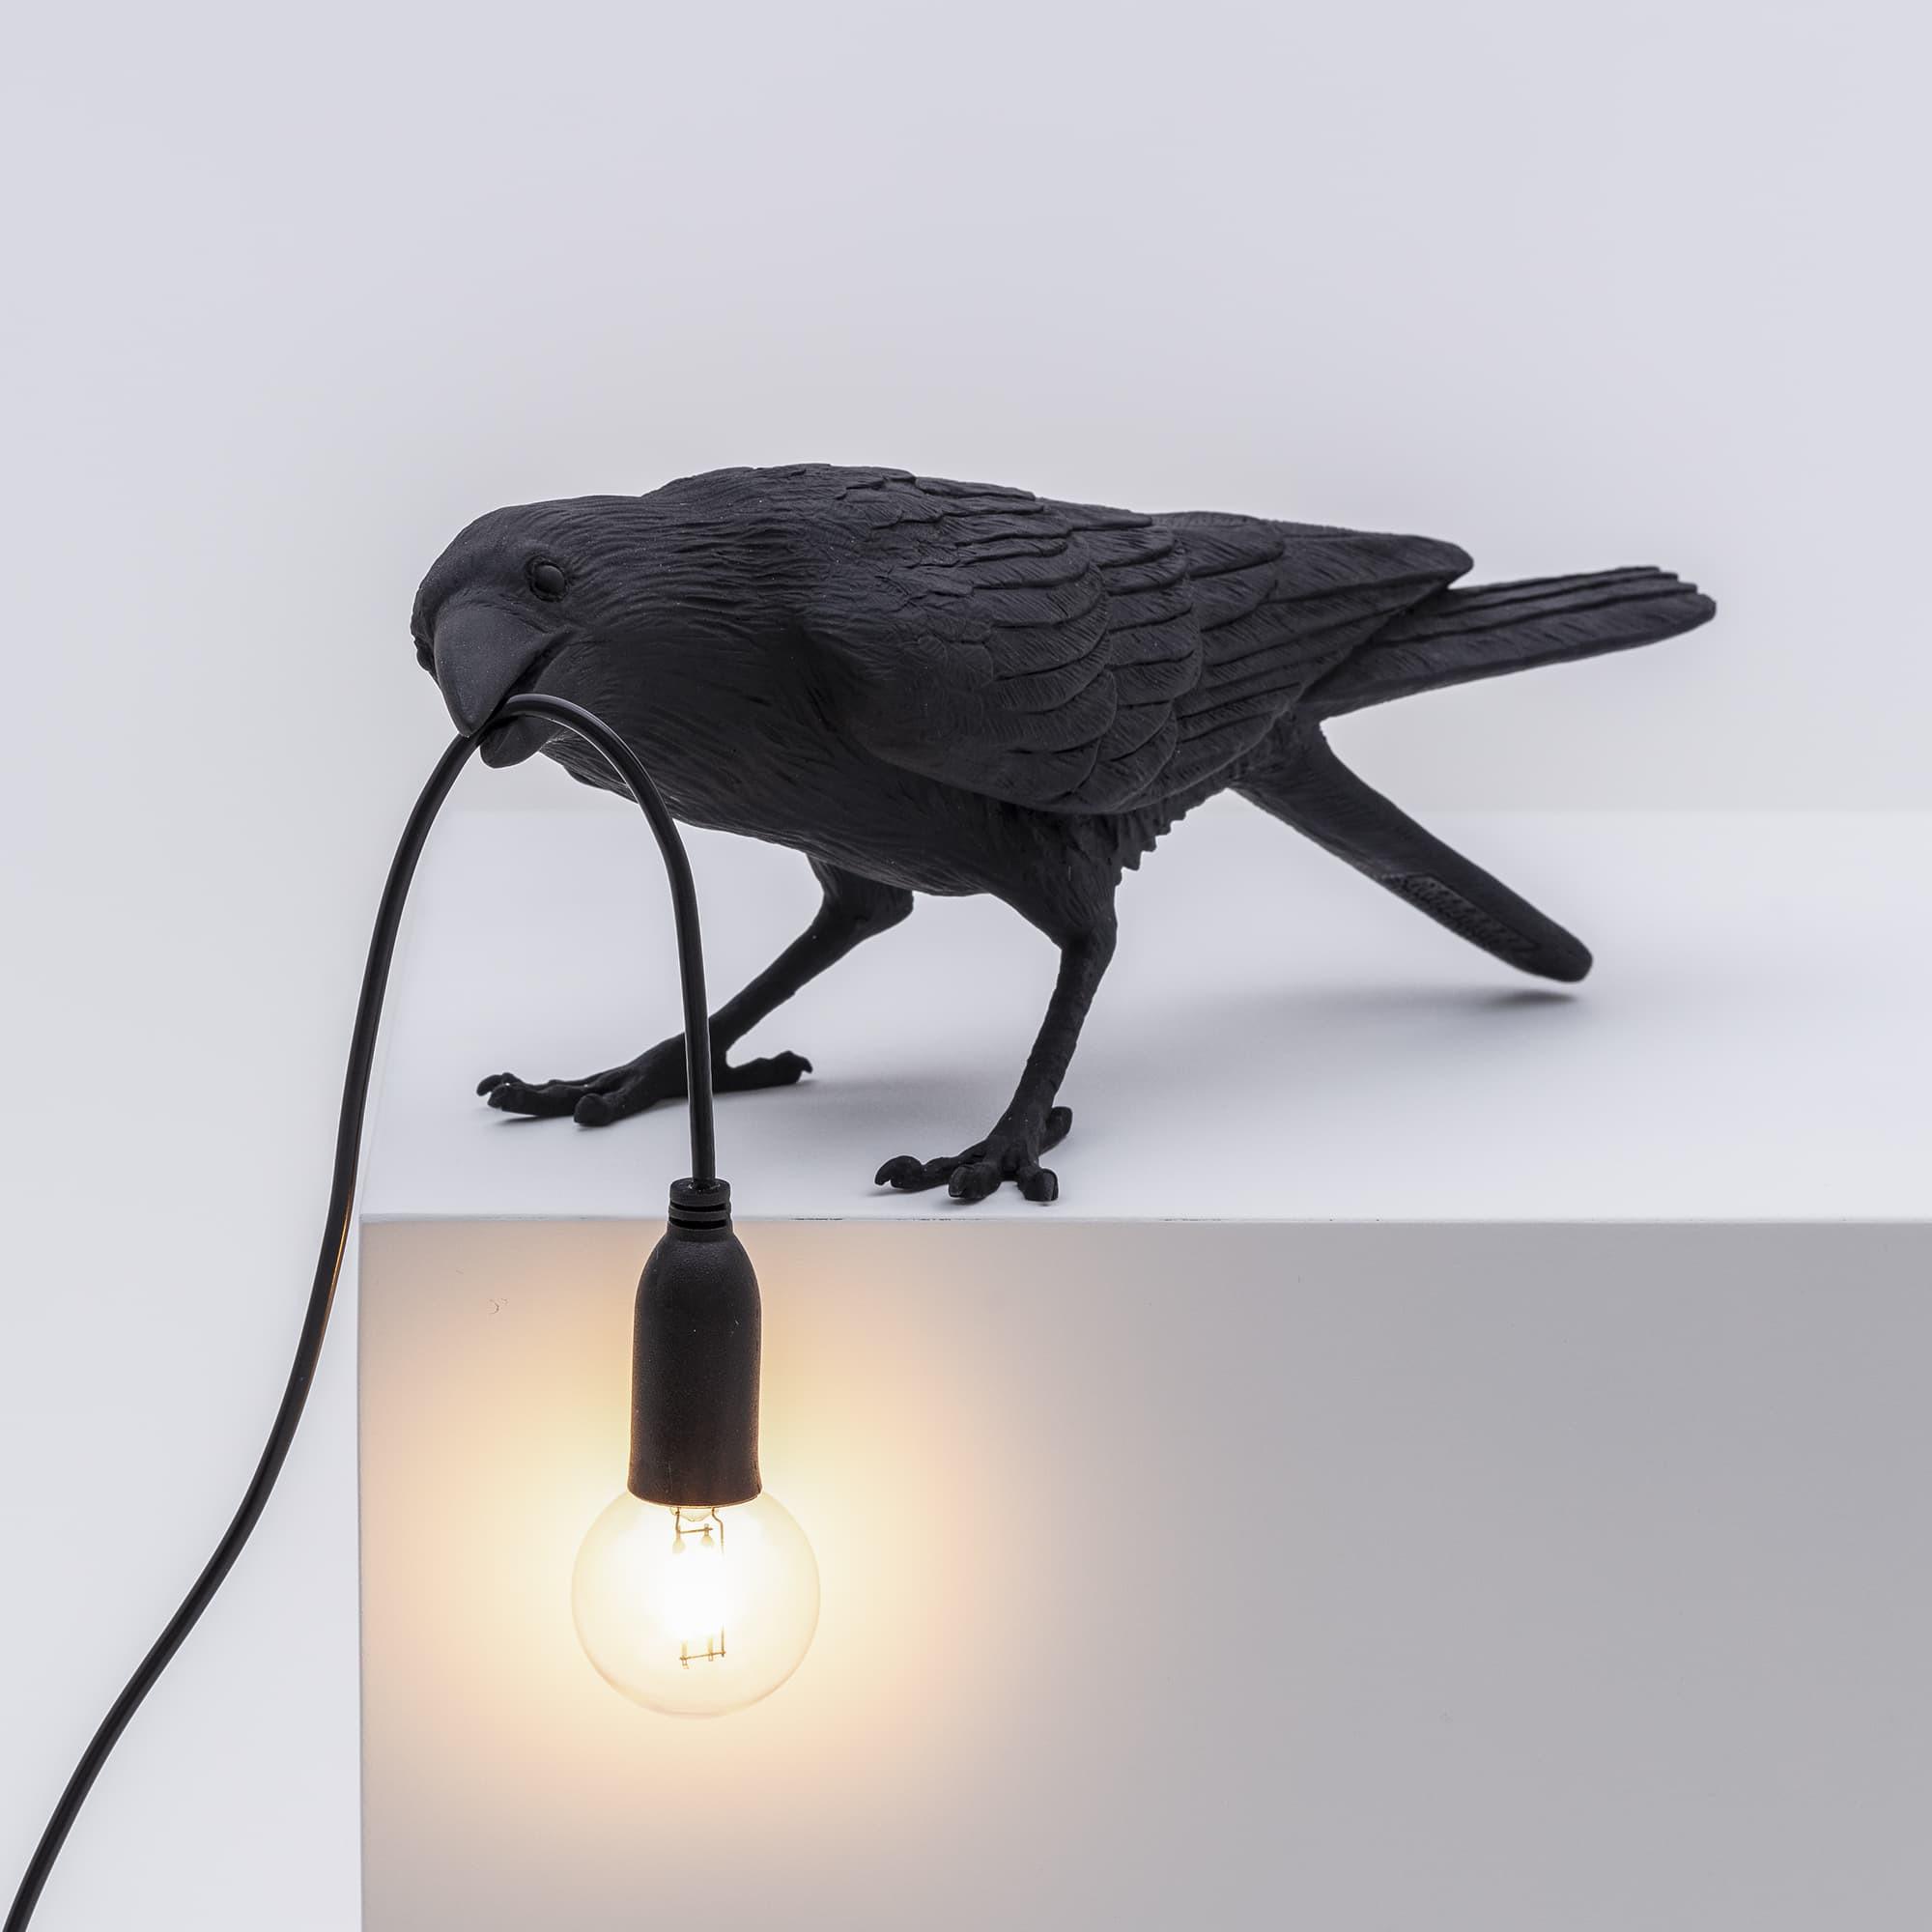 Bird Lamp Playing Black